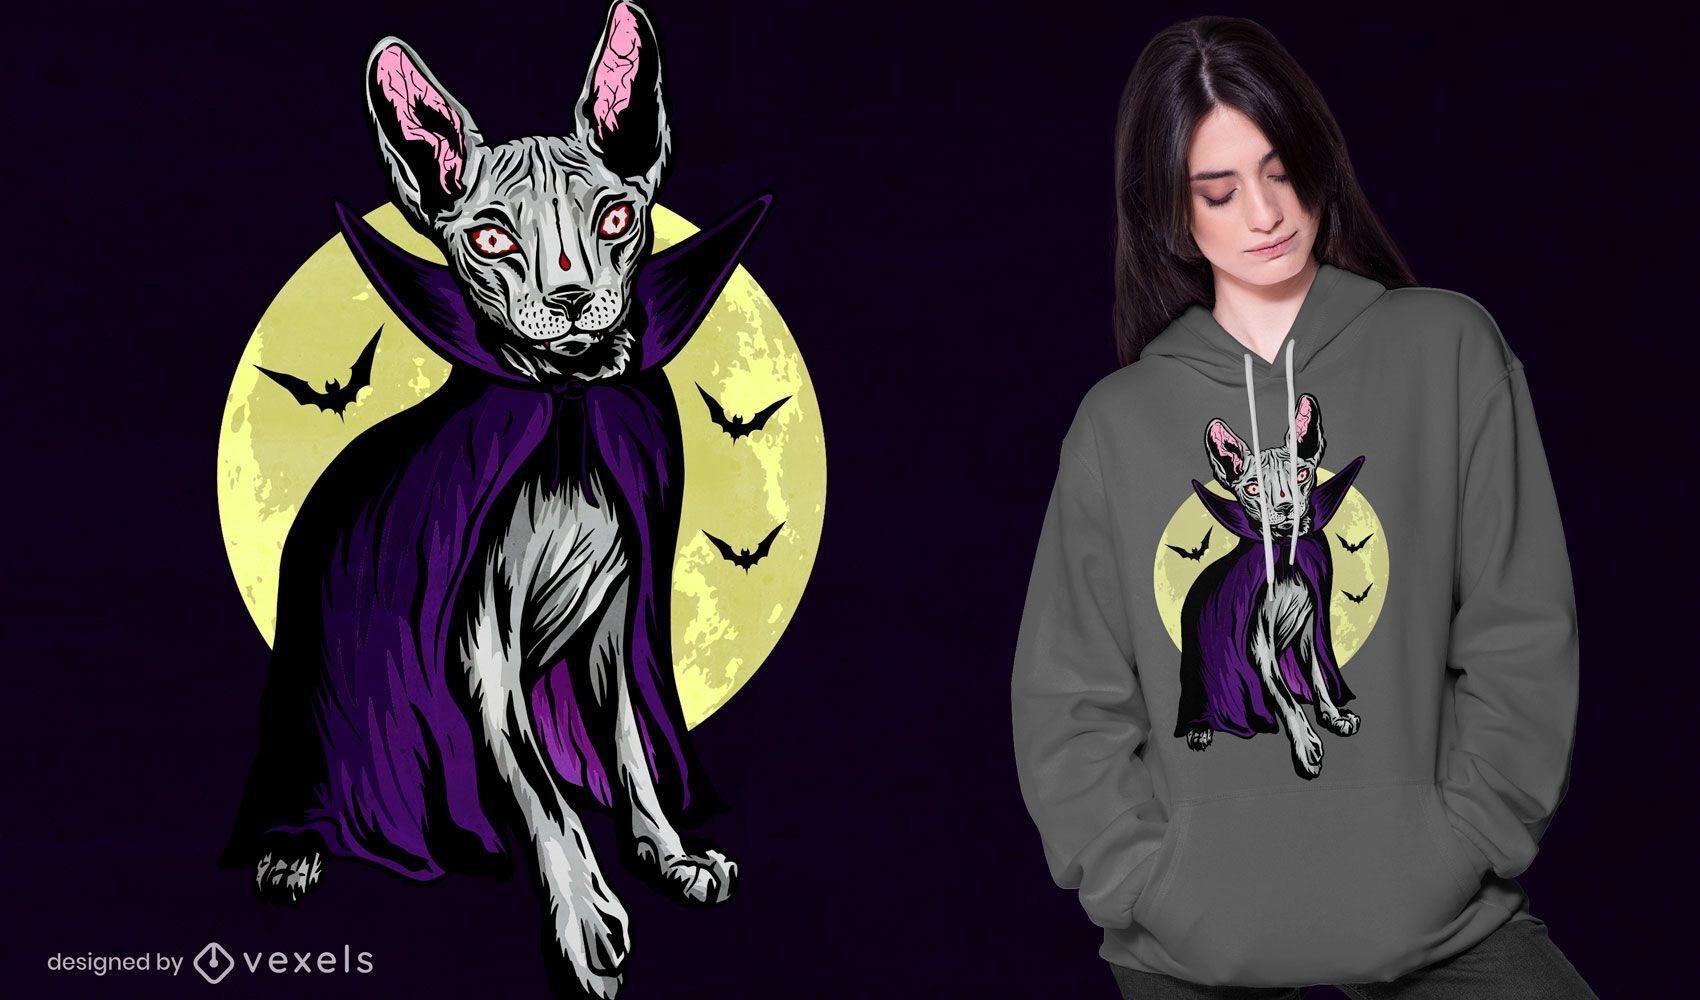 Dise?o de camiseta de gato vampiro espeluznante